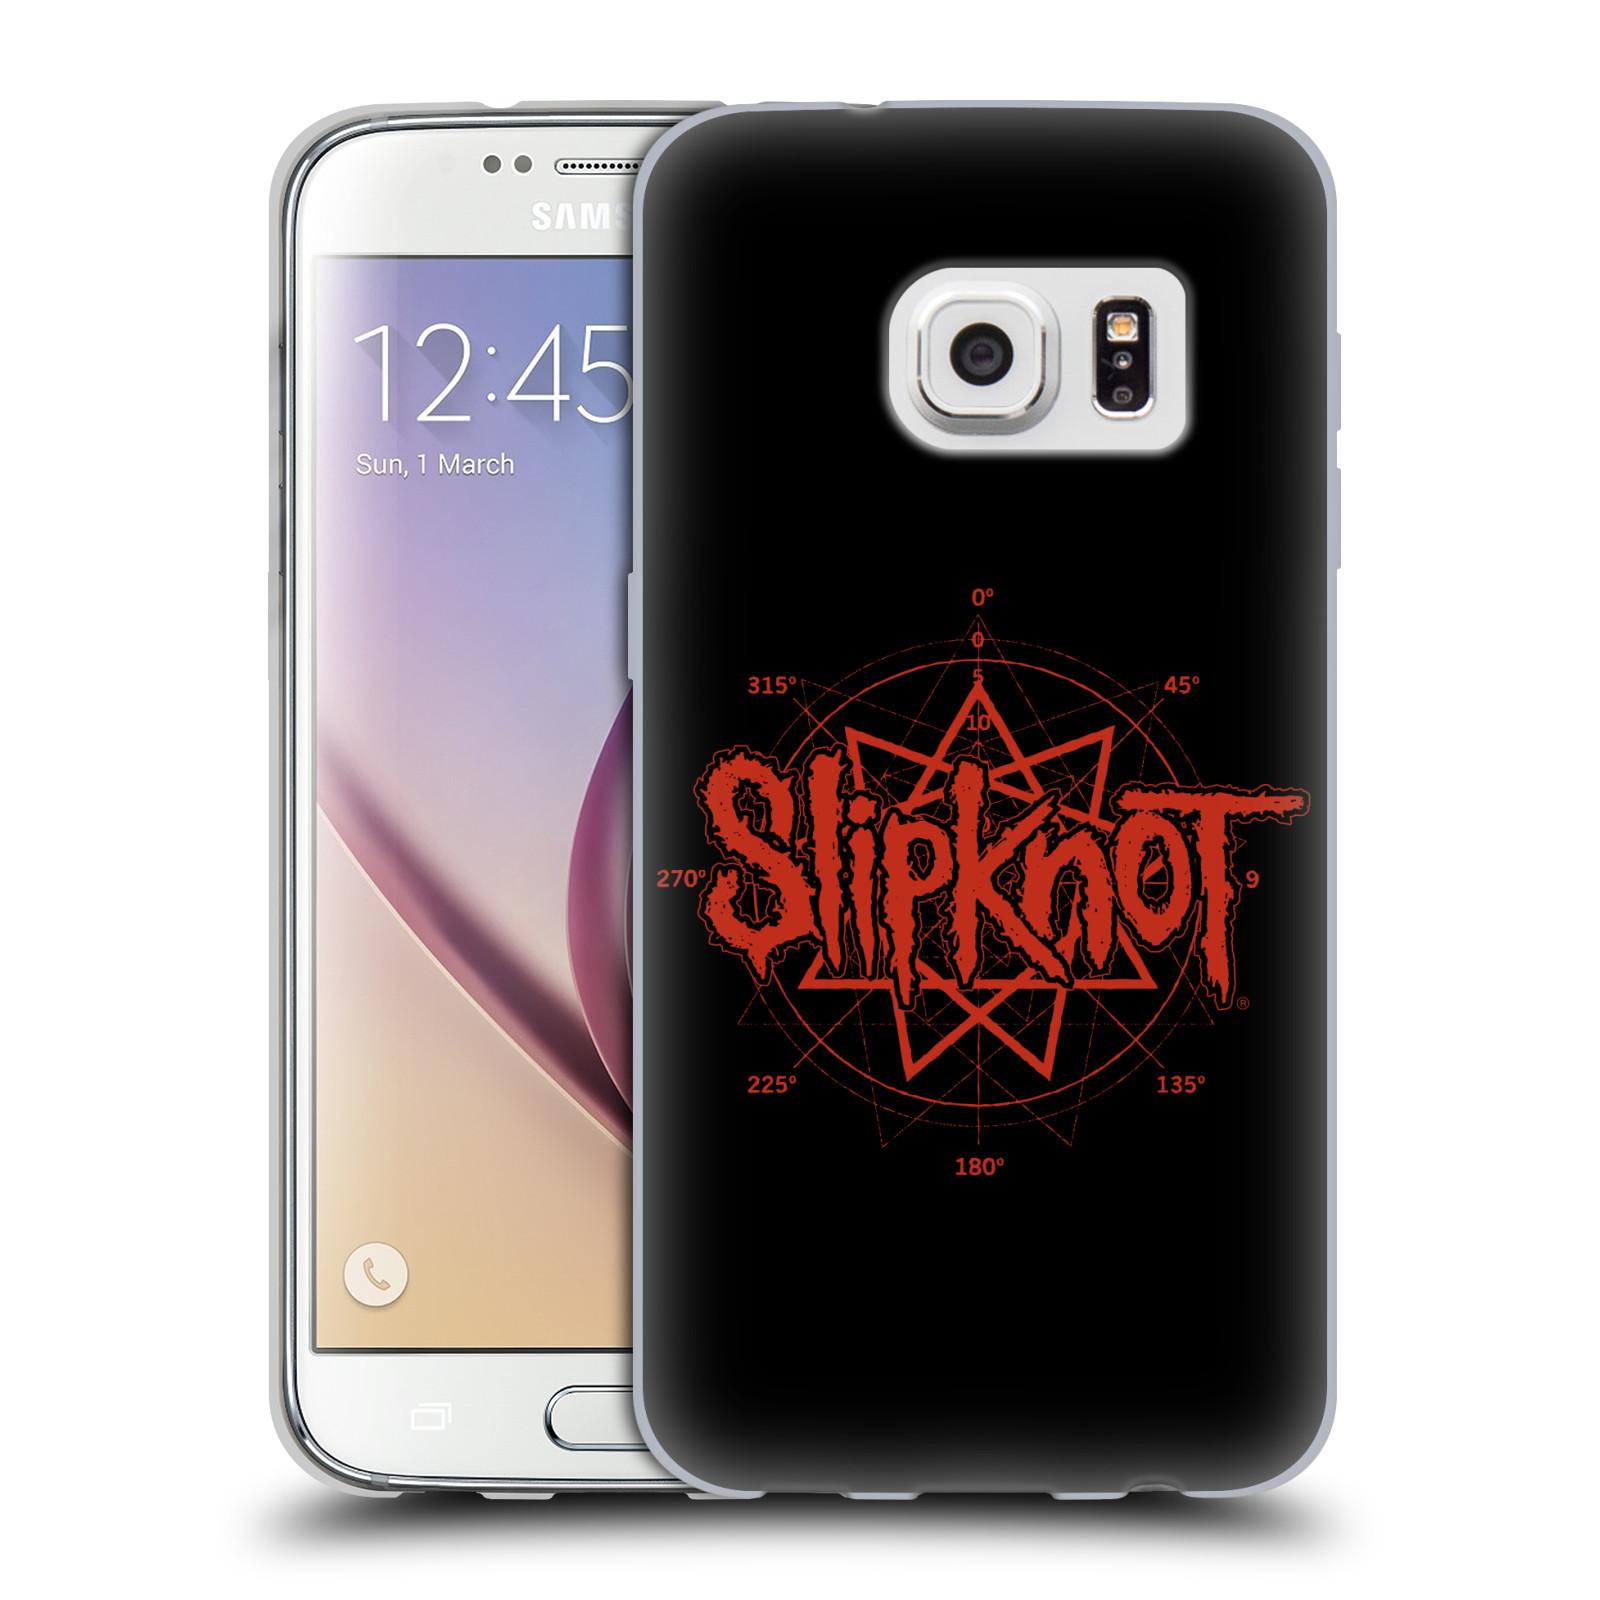 HEAD CASE silikonový obal na mobil Samsung Galaxy S7 hudební skupina Slipknot logo